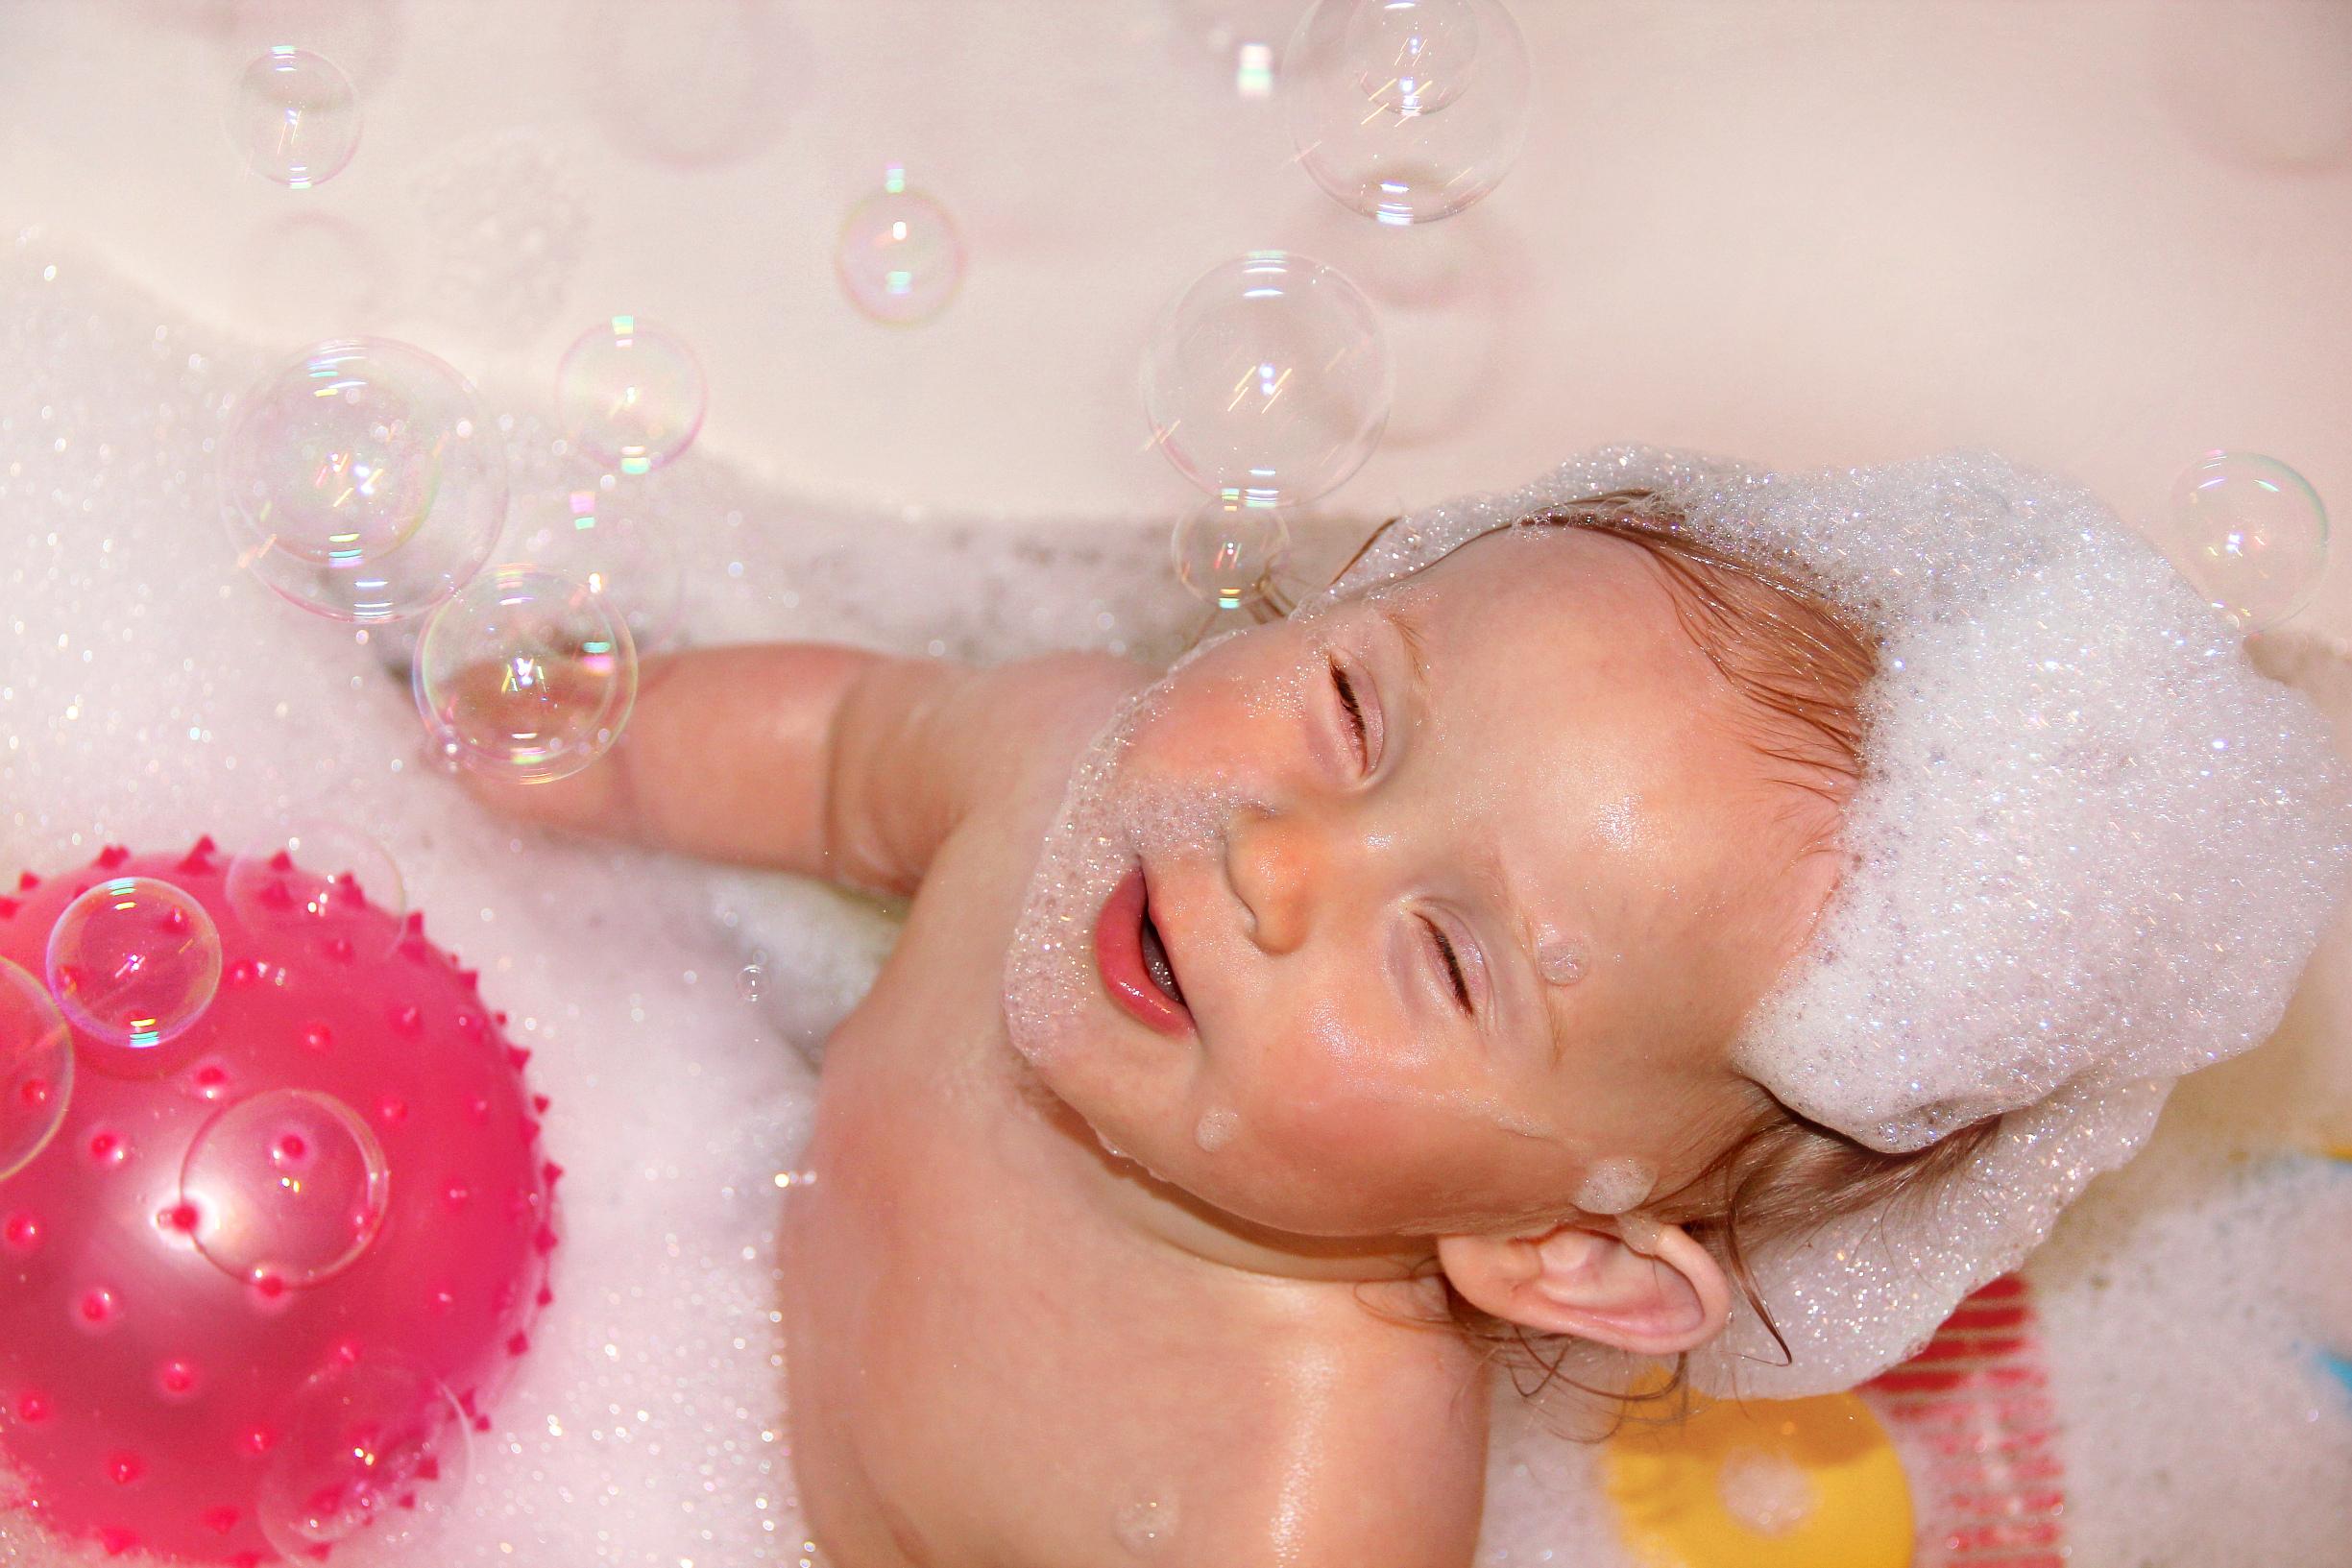 Игры в ванной самые веселые!. Веселая игра